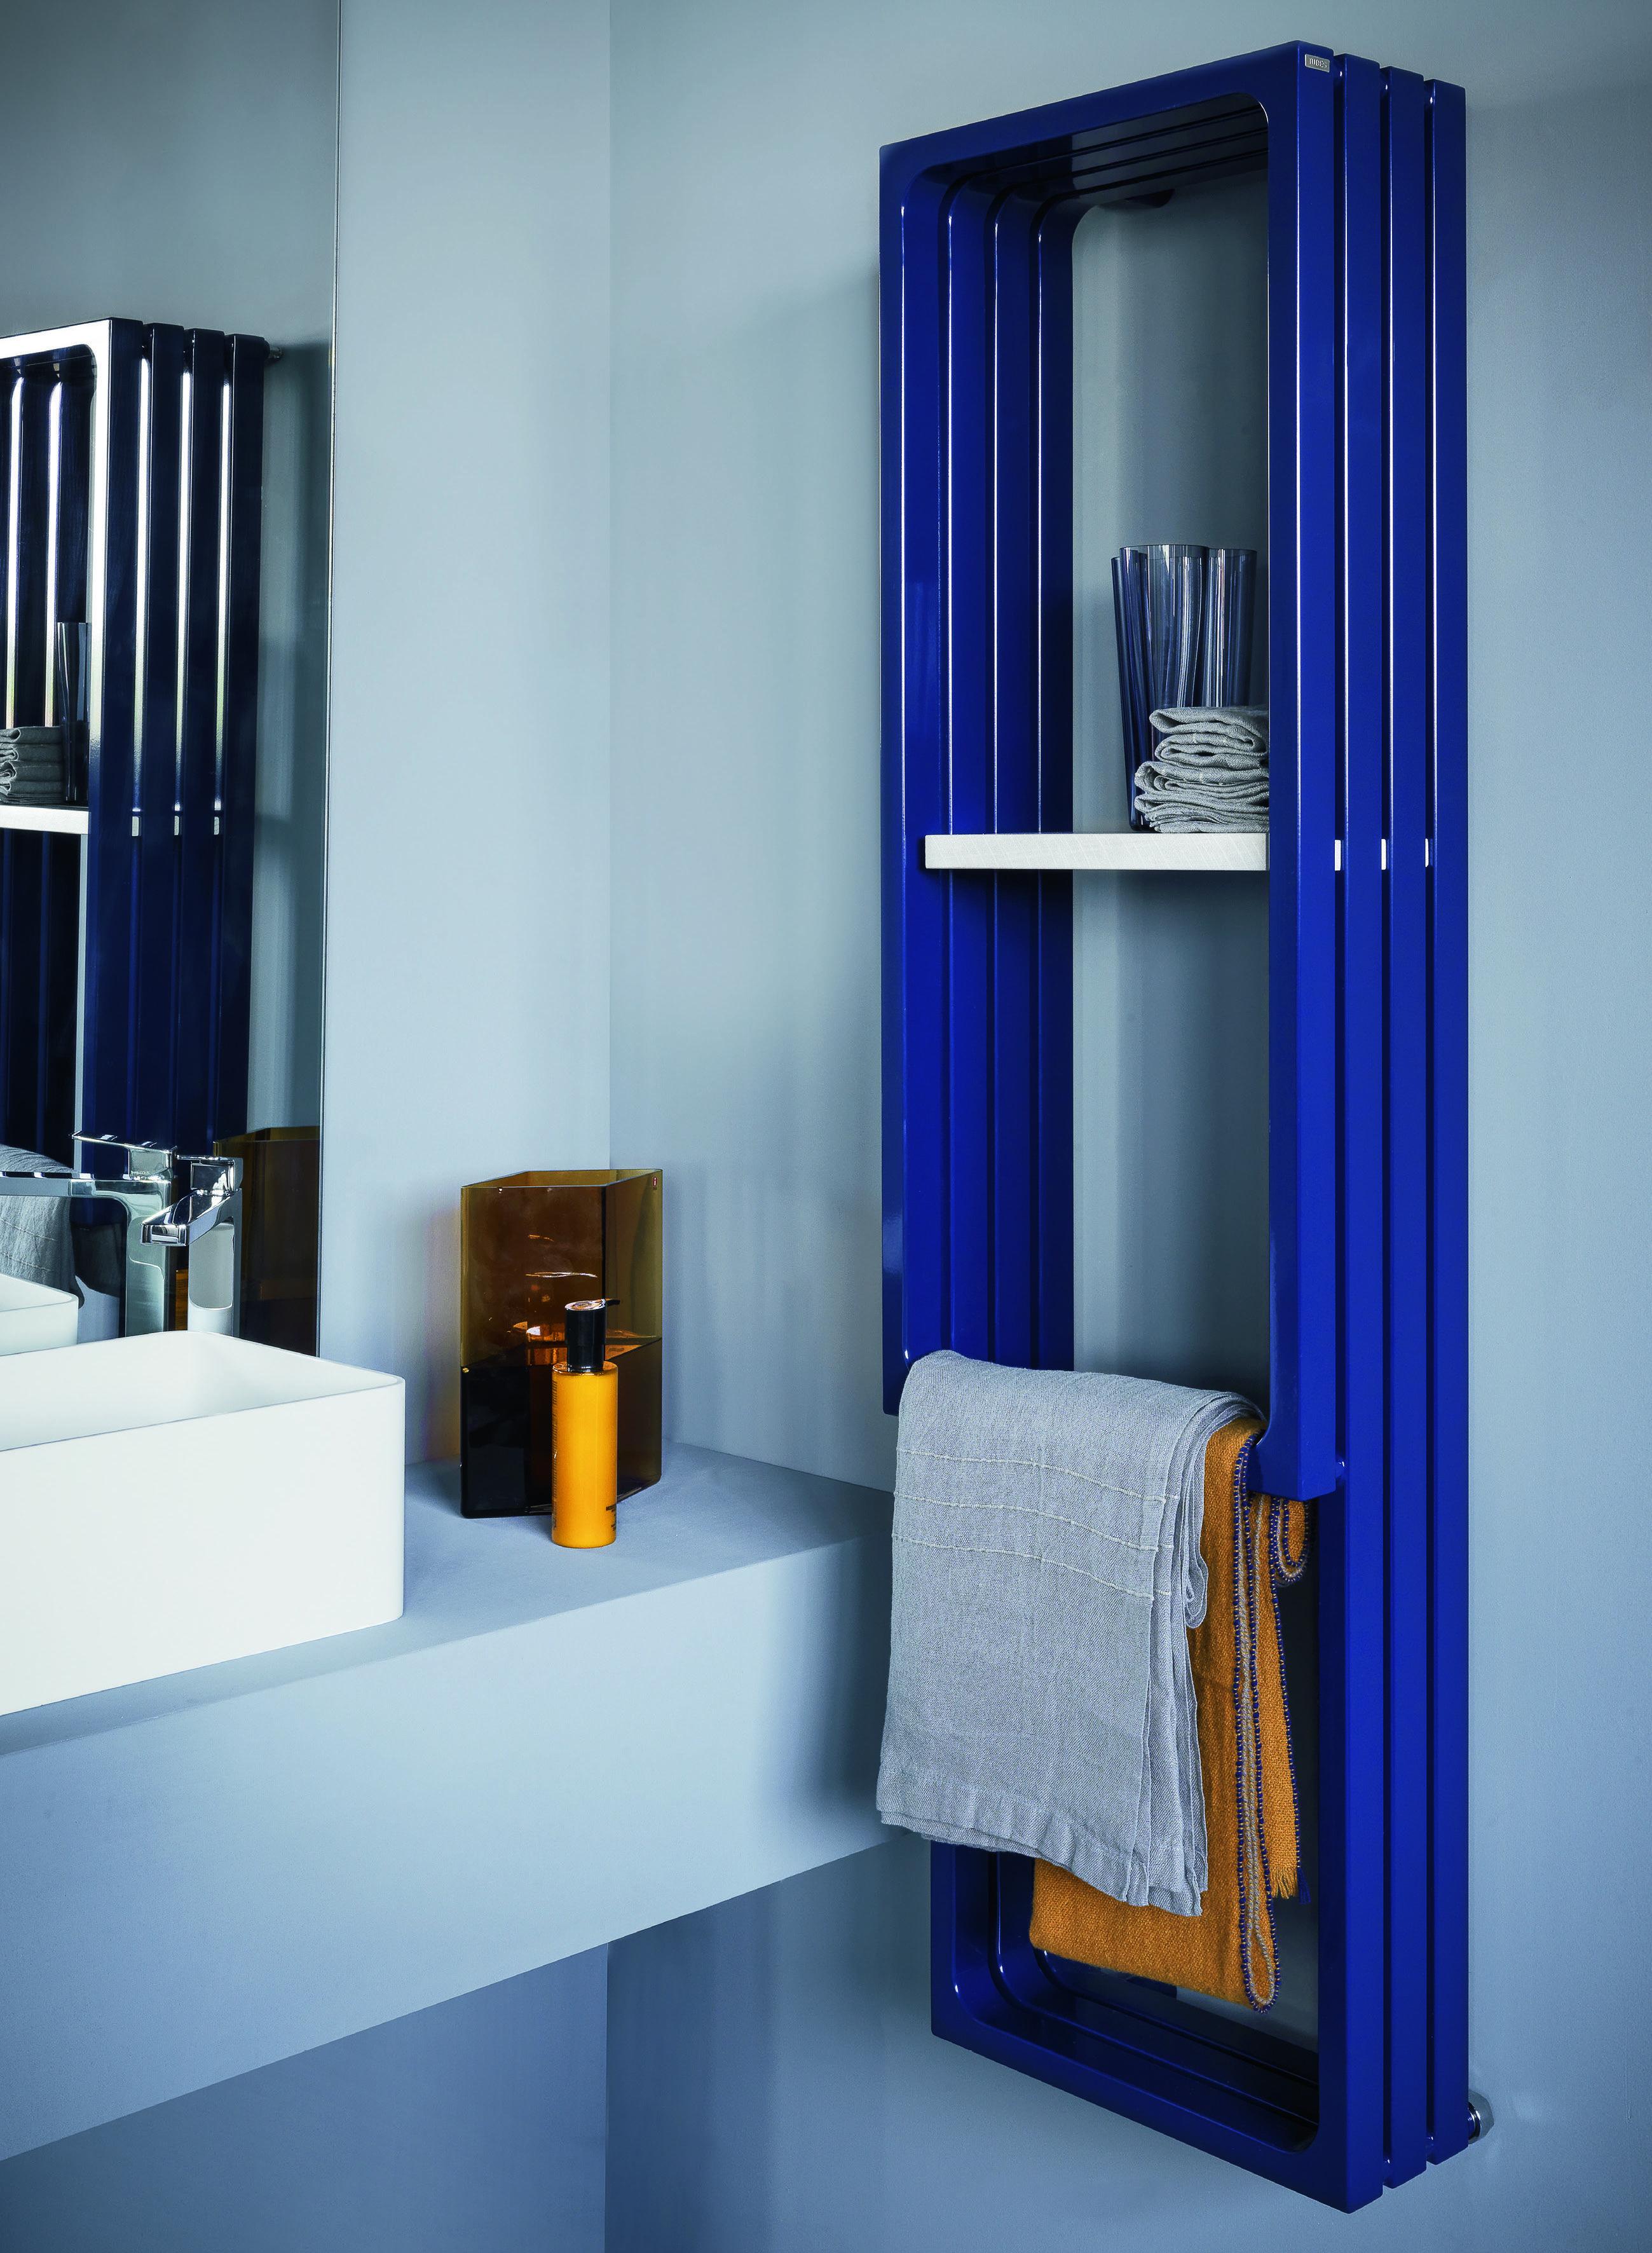 radiateur bleu tubes montecarlo sèche-serviettes porte serviette et ...